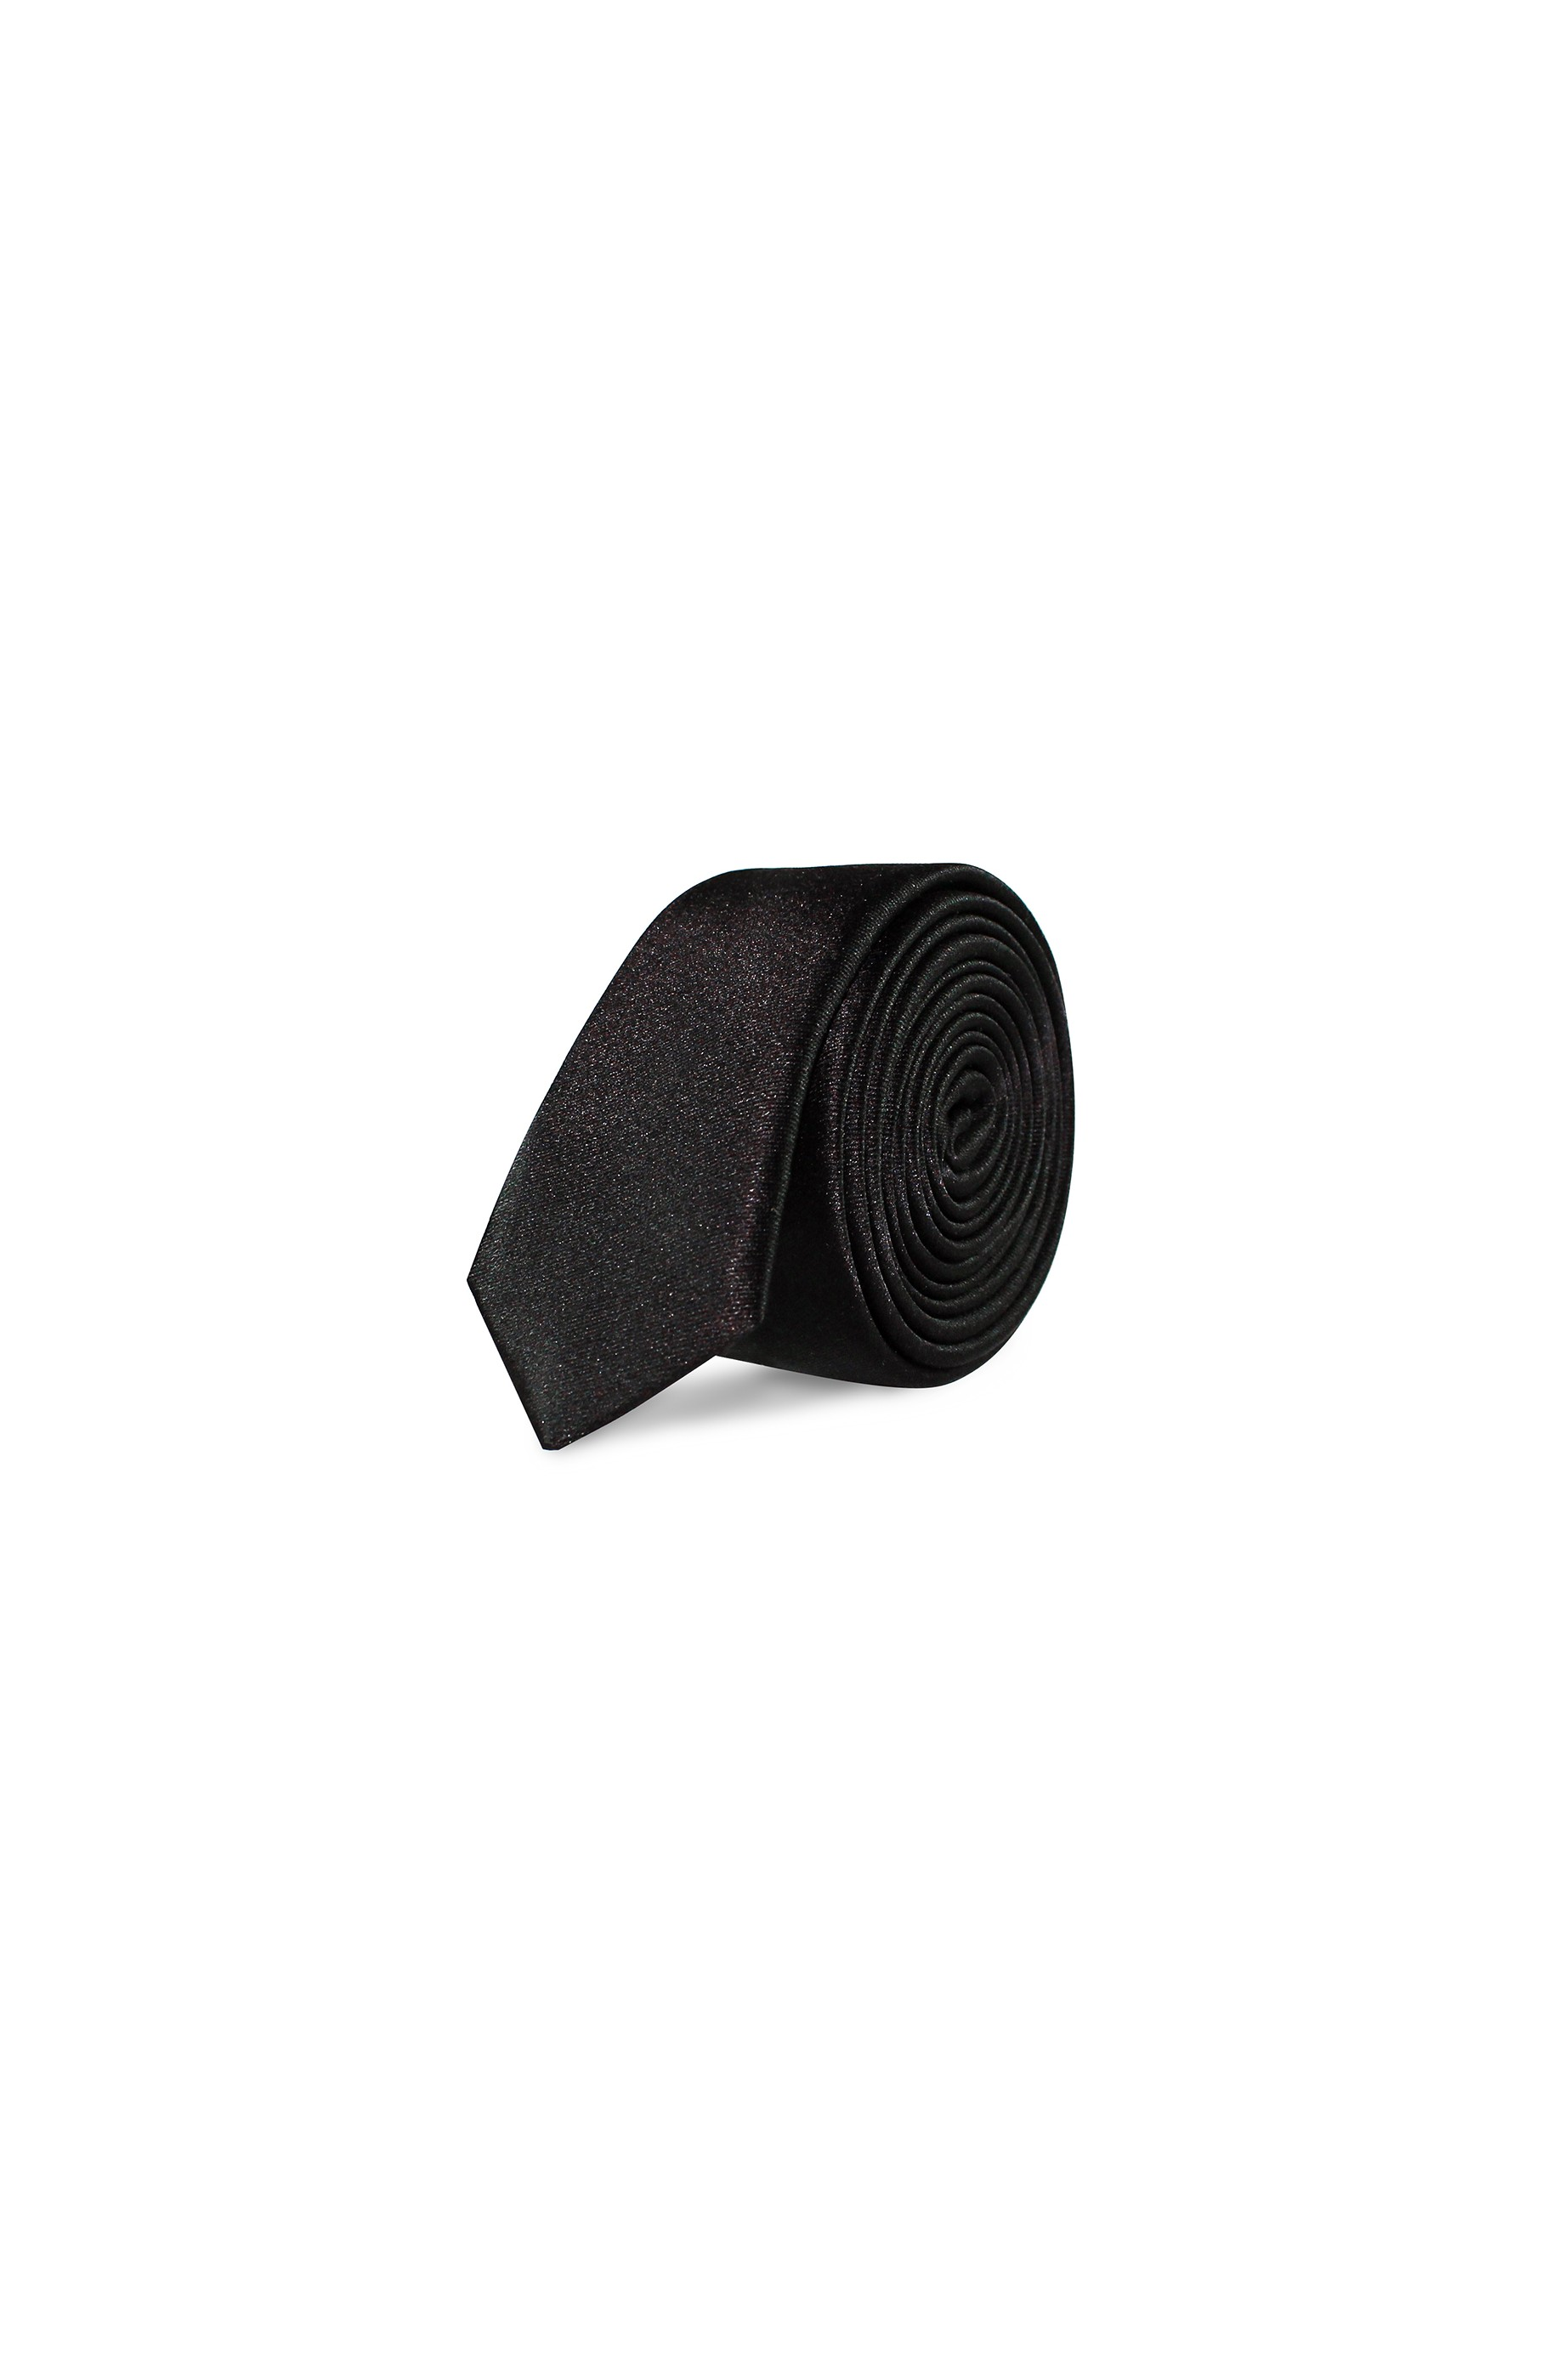 Majesté Couture Paris: Black slim tie | Accessories -  Hiphunters Shop